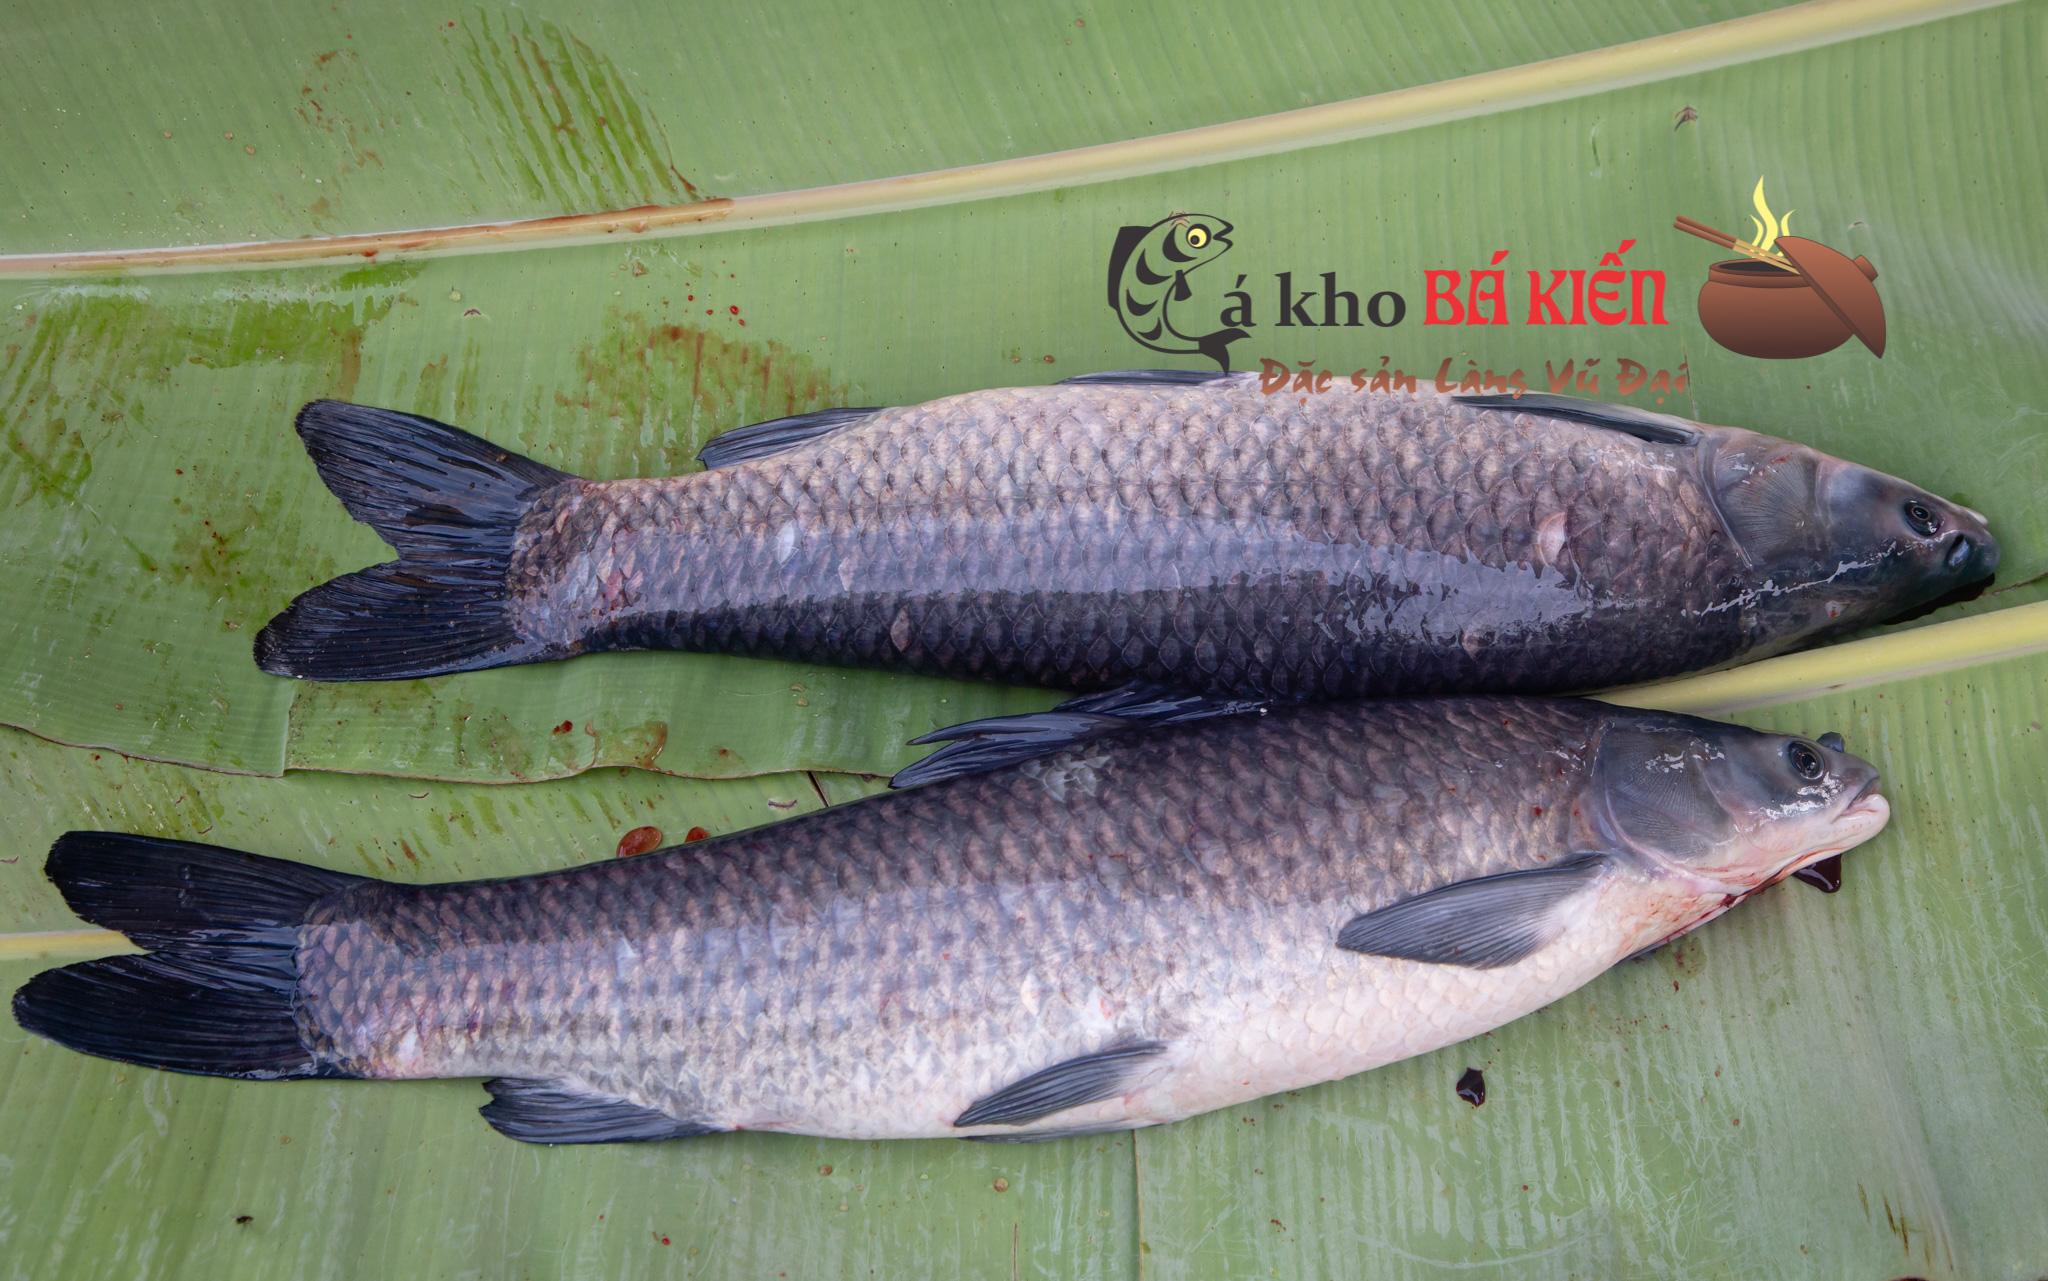 Cá kho phải là cá trắm đen nuôi ốc có trọng lượng tối thiểu 3kg trở lên